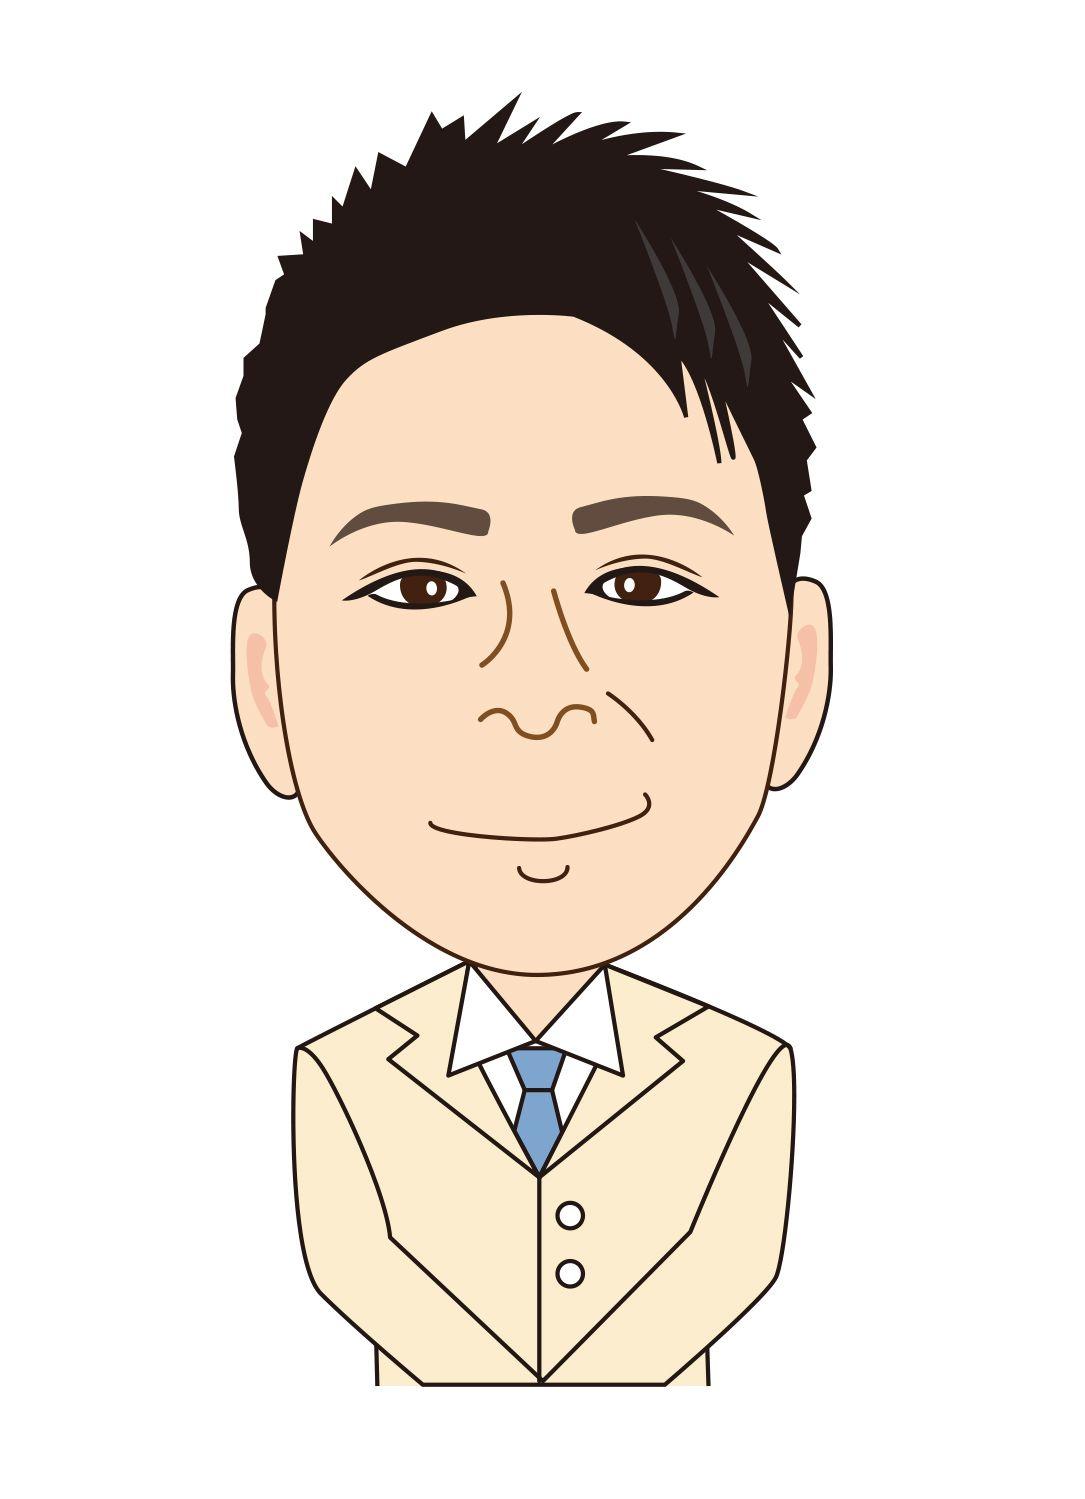 瀨戸 博明(セト ヒロアキ)